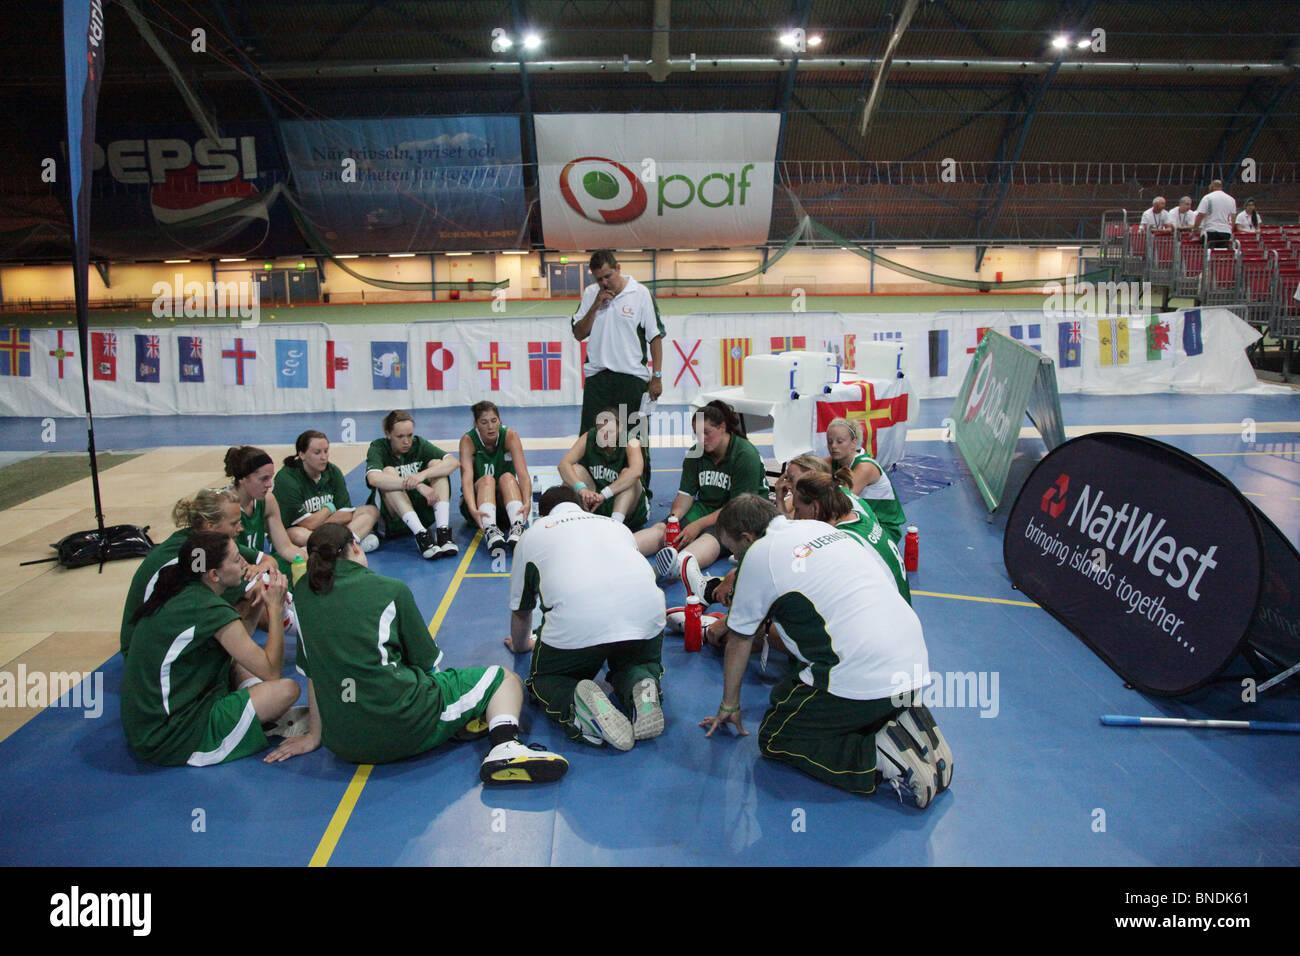 Women's Basketball Final Menorca defeat Guernsey NatWest Island Games 2009 in Eckeröhallen on Åland, - Stock Image